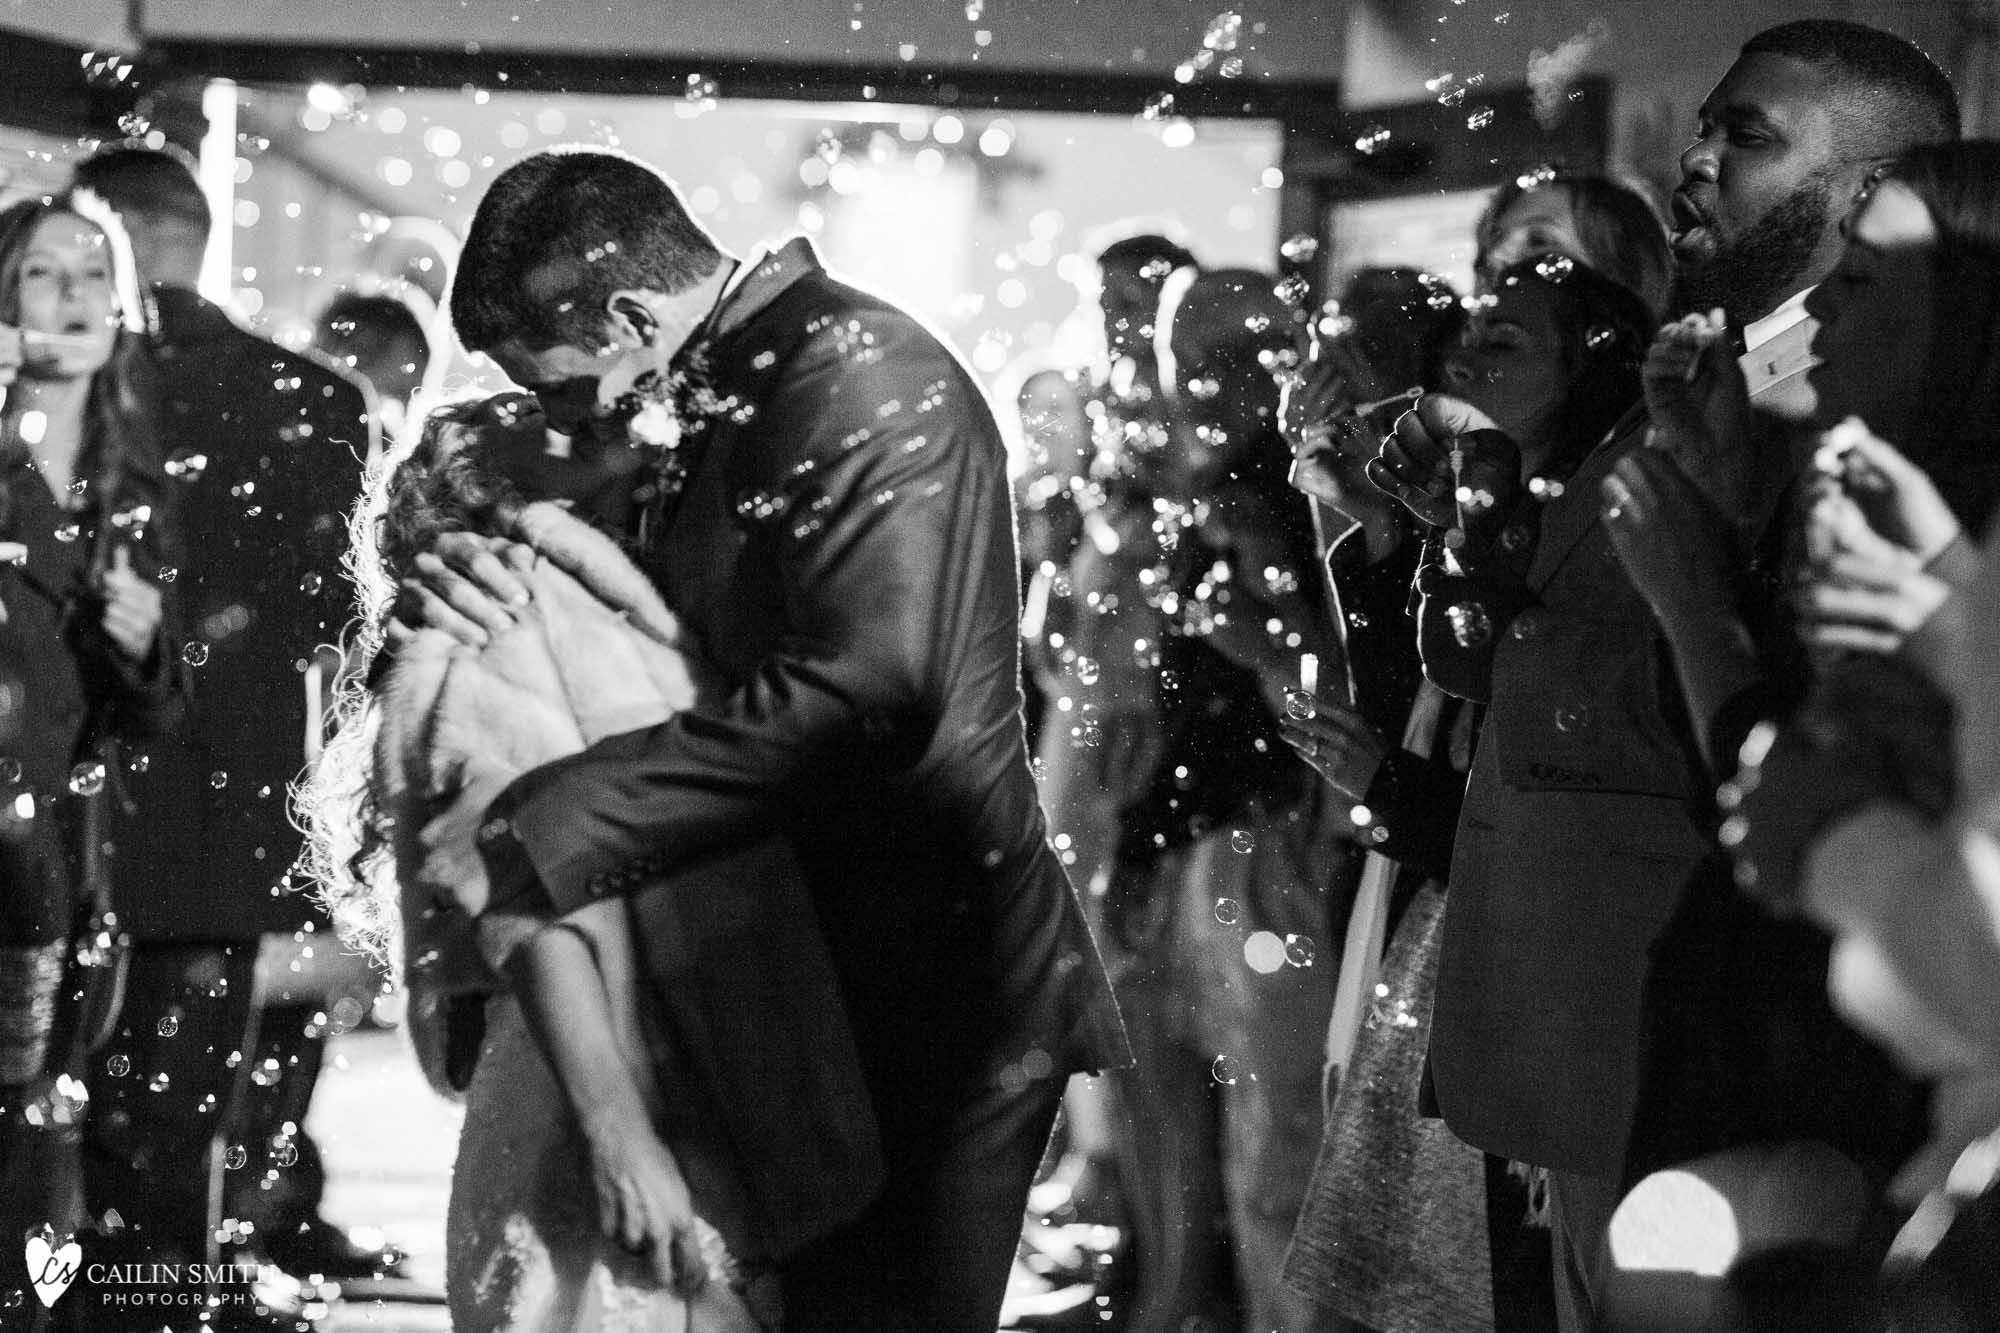 Leah_Major_St_Marys_Wedding_Photography_125.jpg